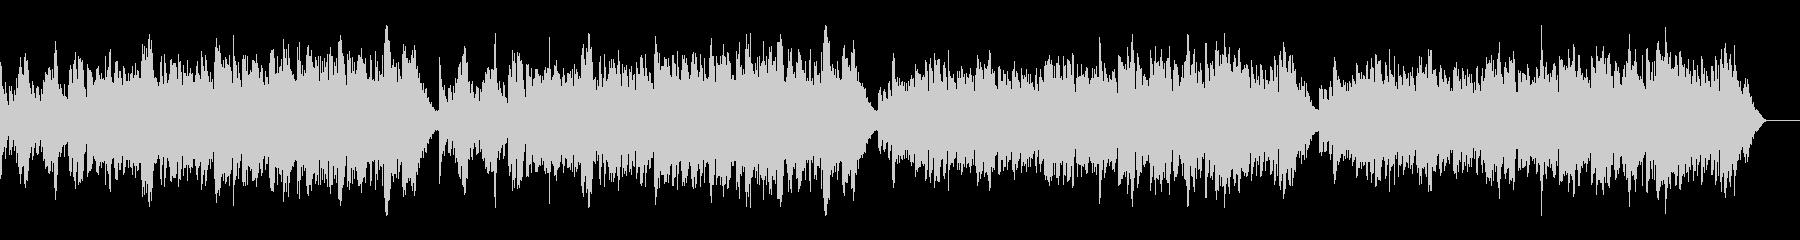 ゴルトベルク変奏曲variation3の未再生の波形